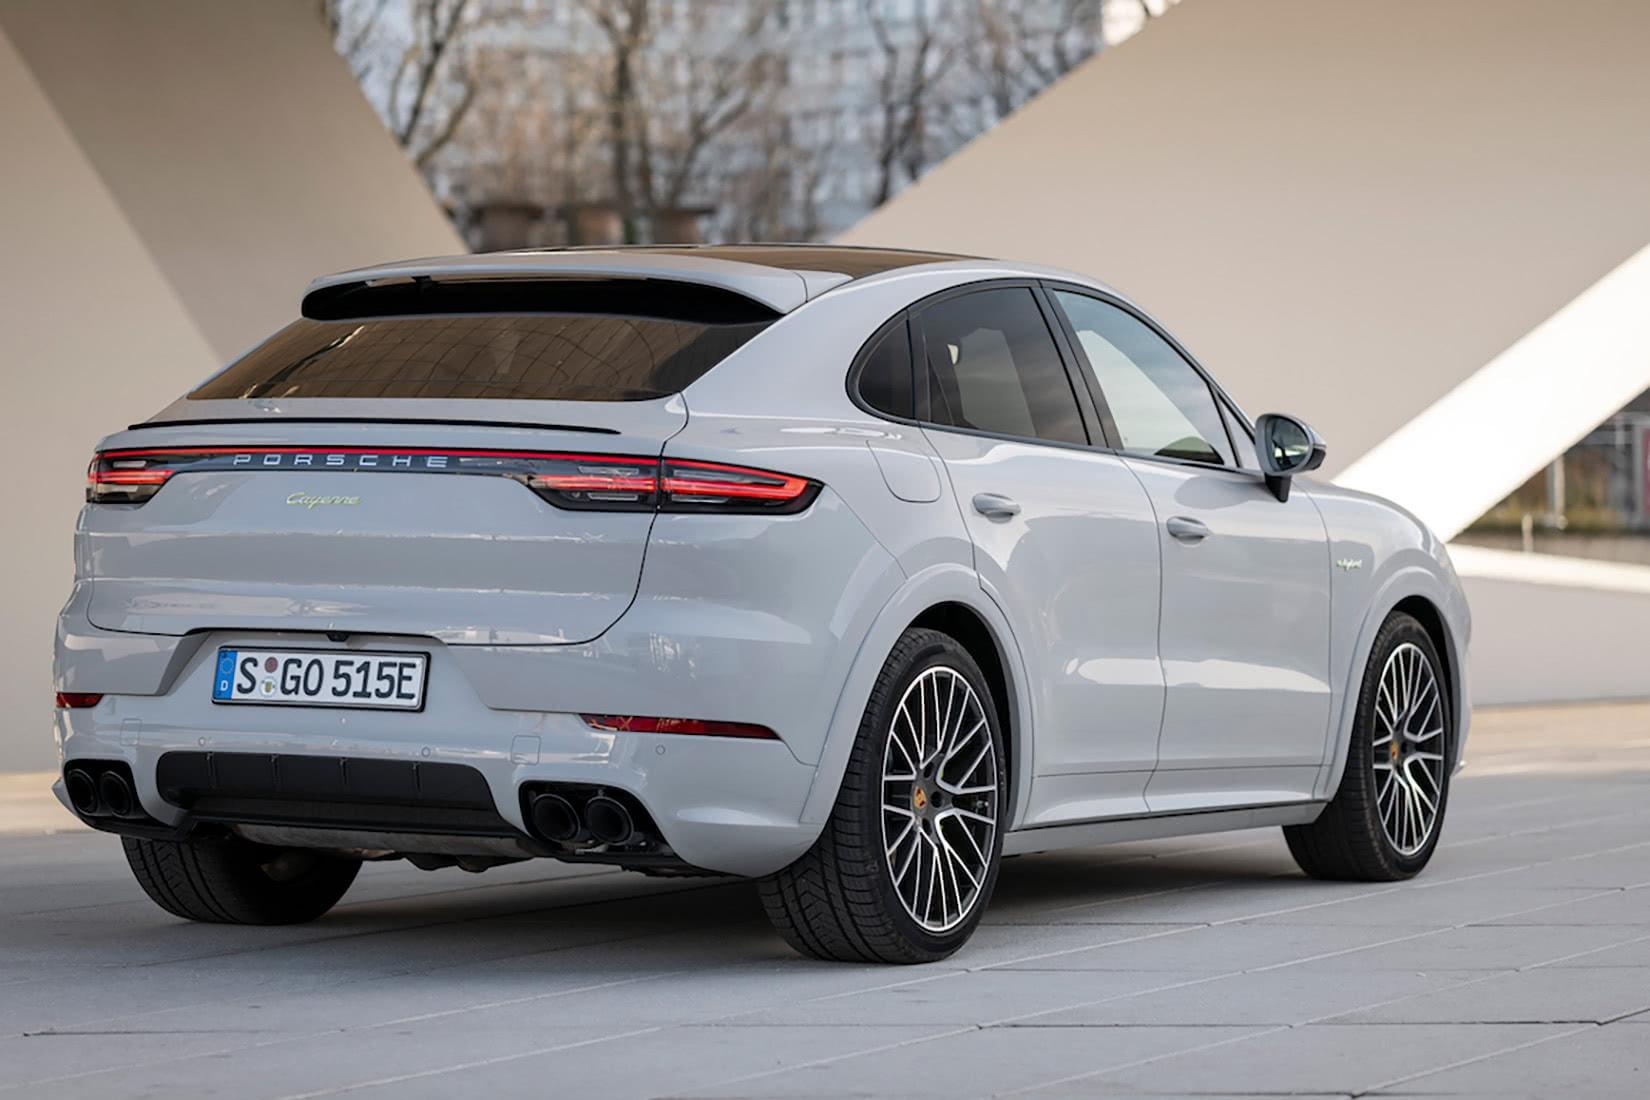 best luxury suv 2021 Porsche Cayenne Hybrid - Luxe Digital